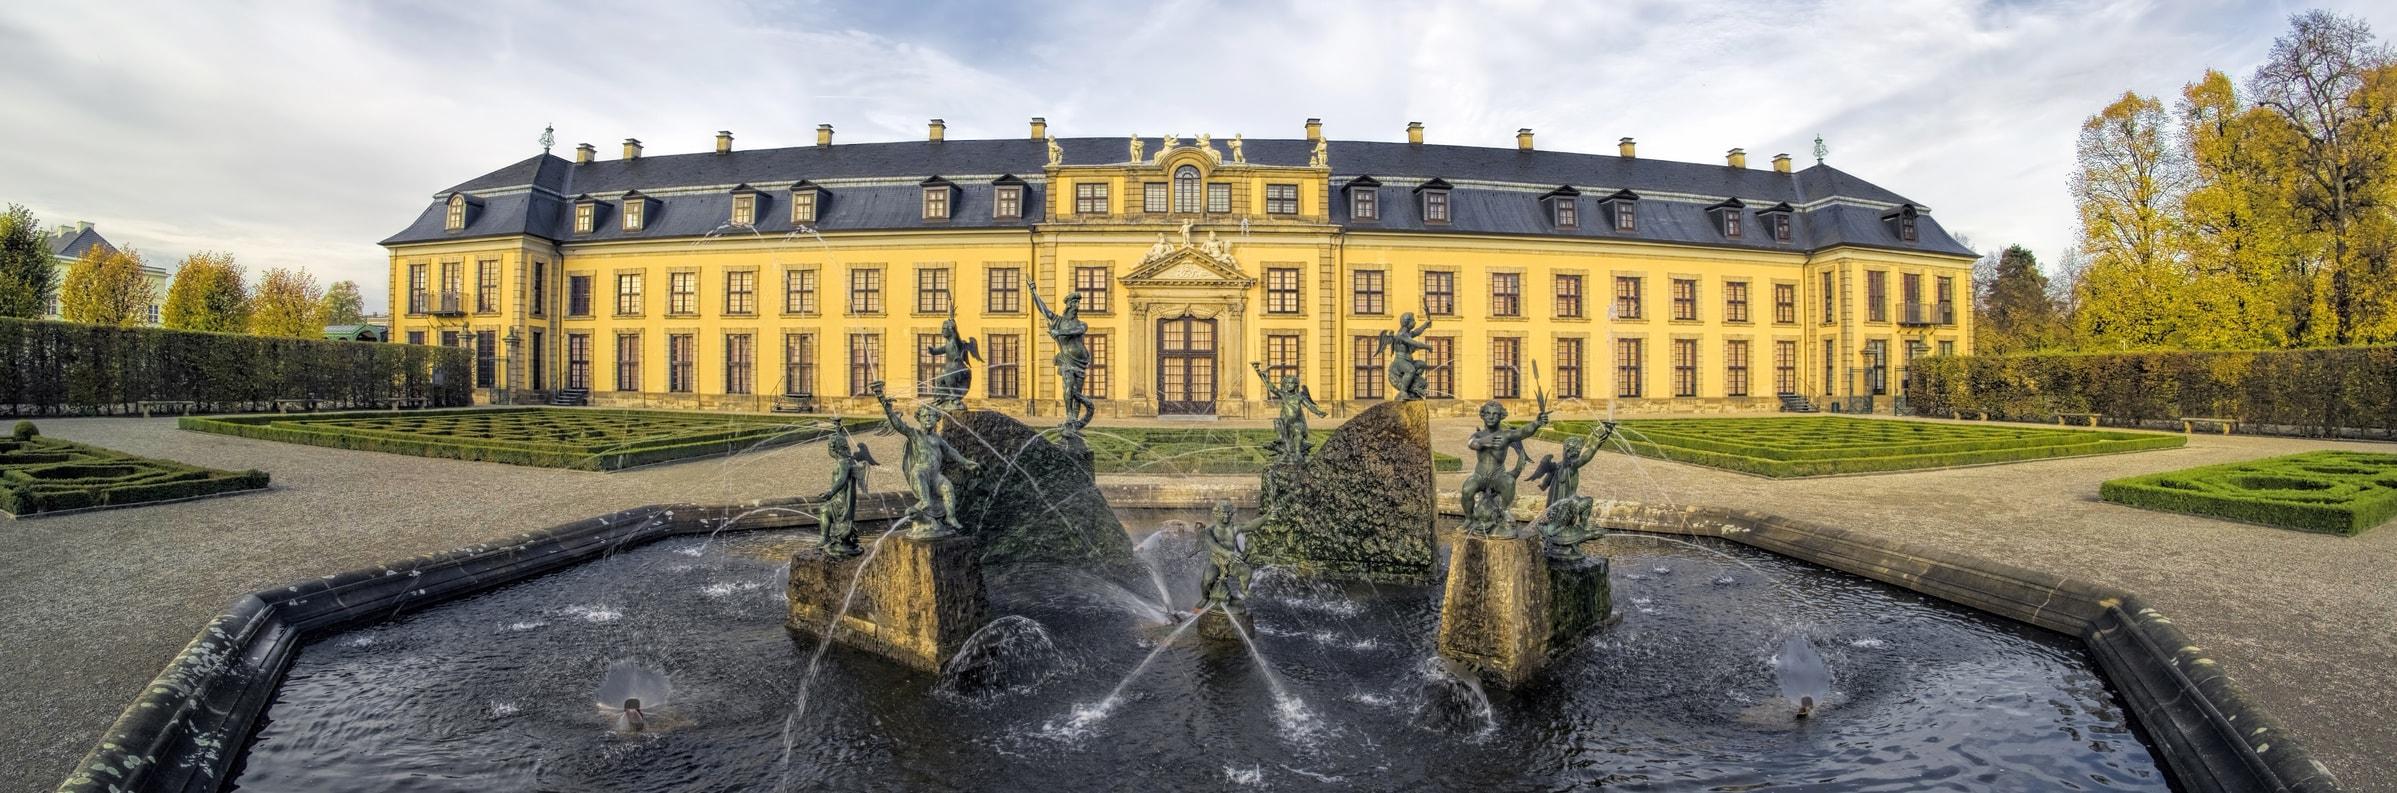 Rathaus Hannover mit Spiegelung im Maschteich